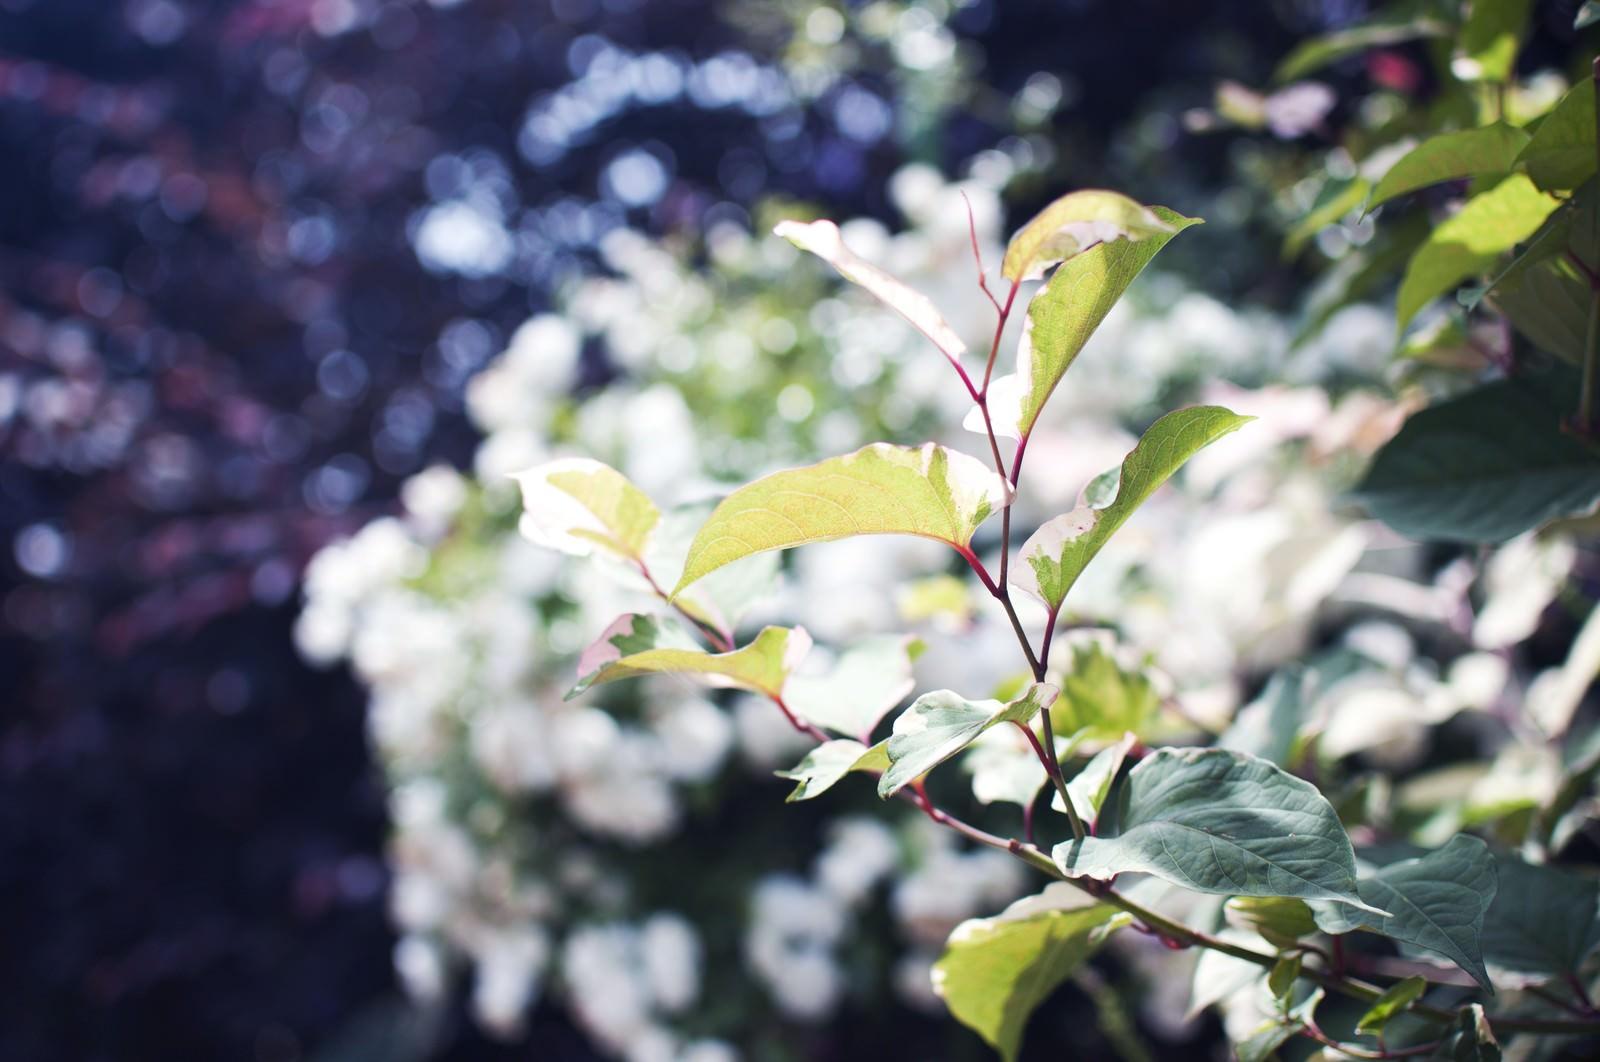 「いのちを感じる美しい葉」の写真